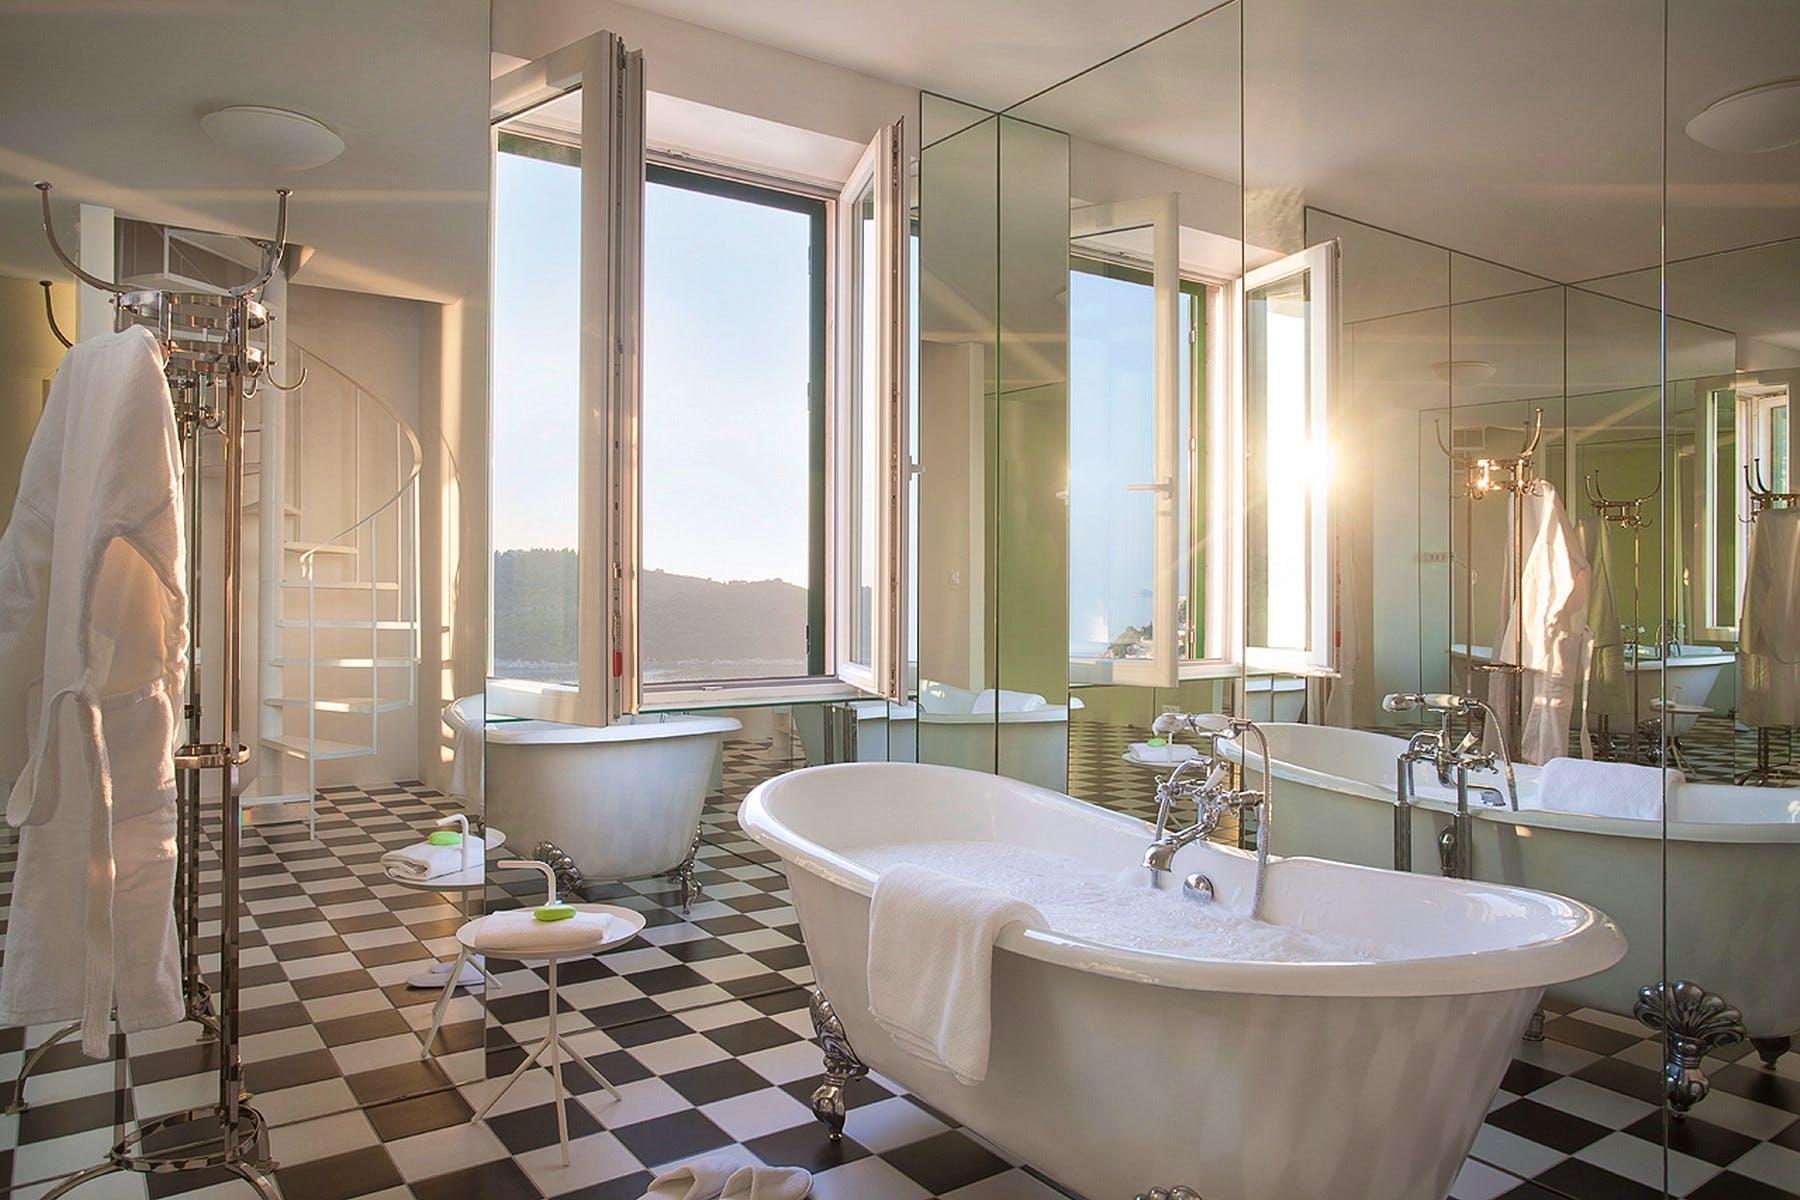 Luksuzna kupaonica s pogledom na more